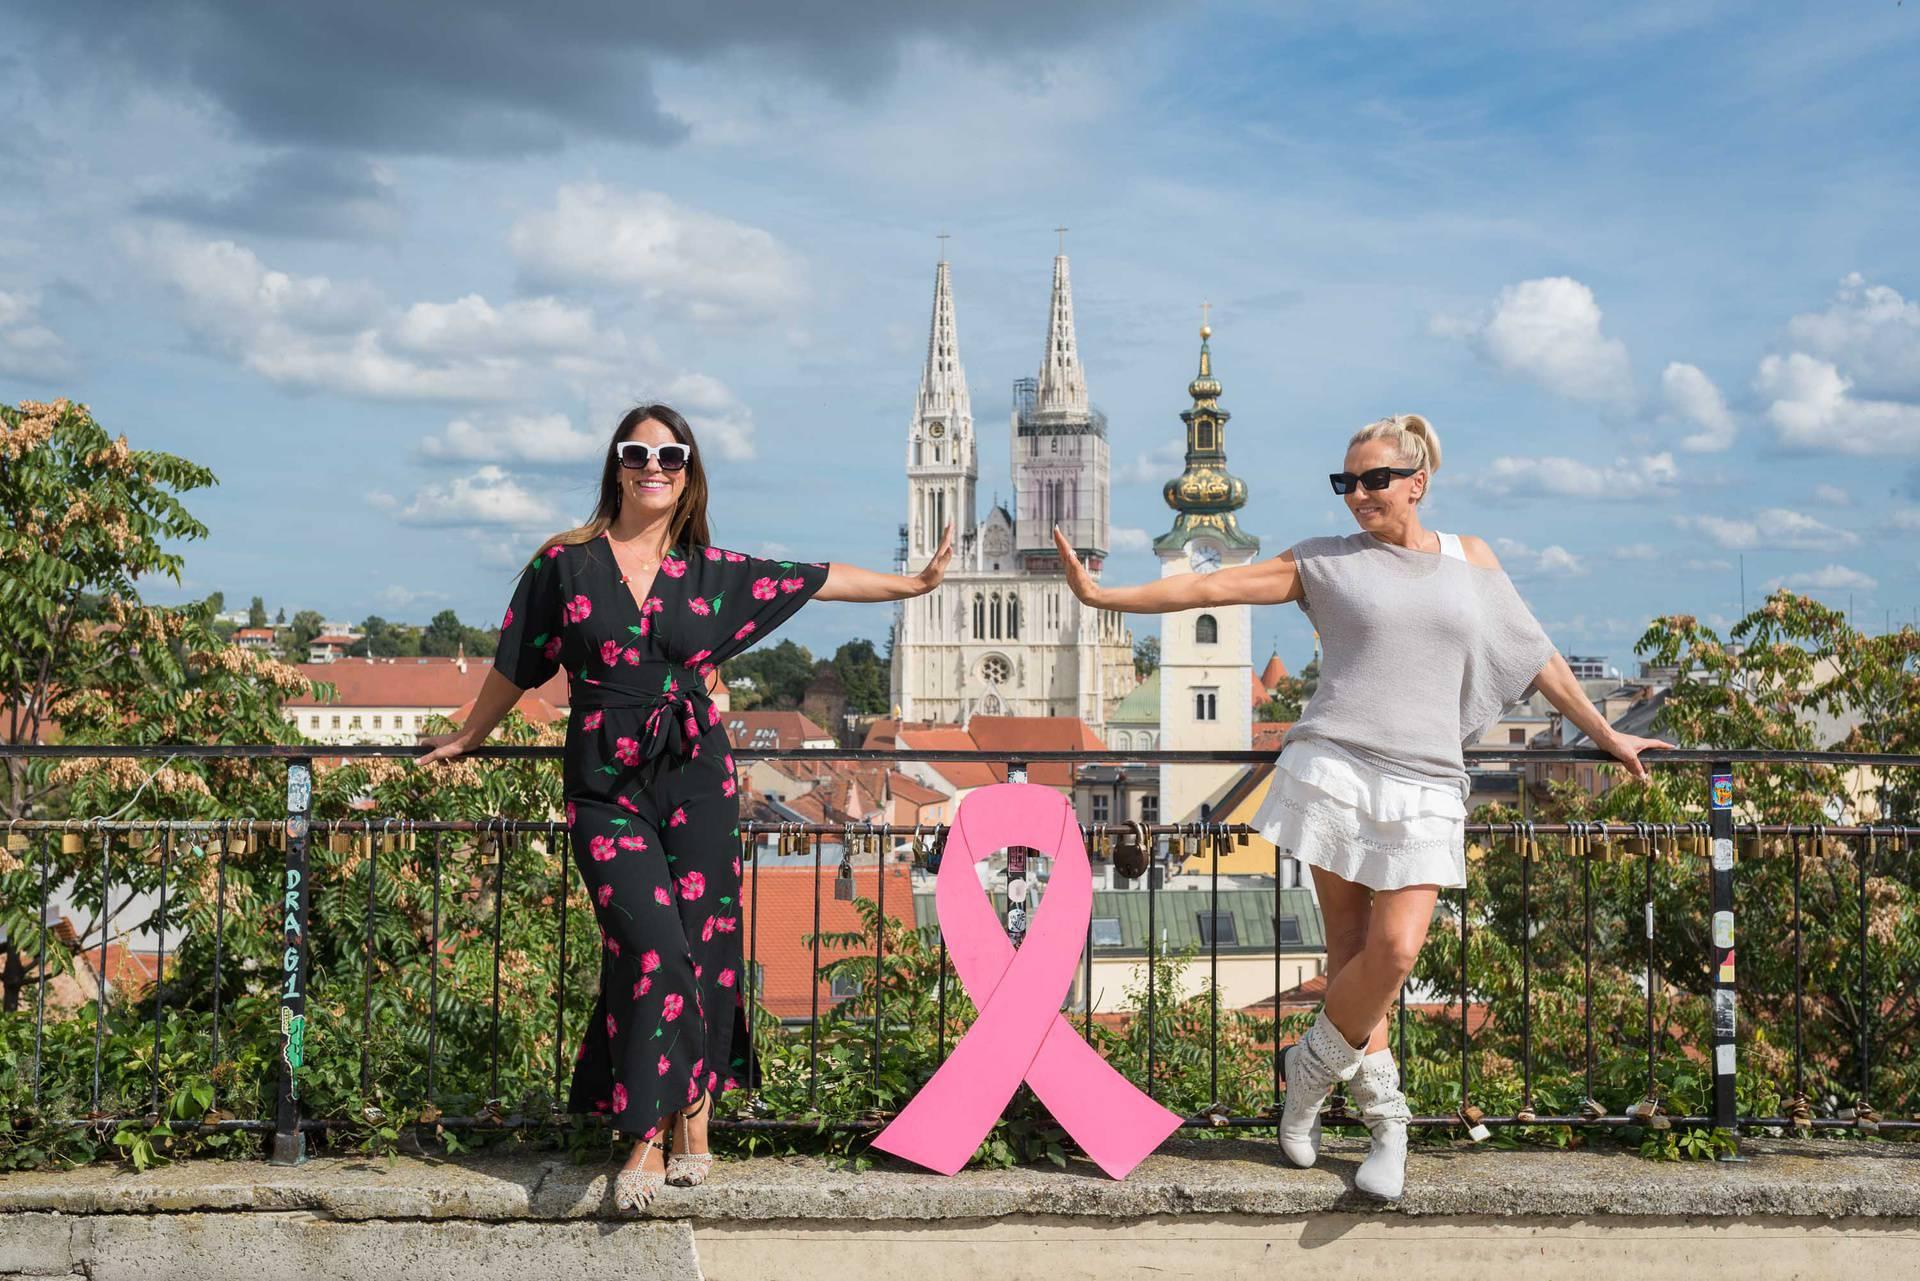 Ružičasta vrpca solidarnosti za pomoć oboljelima od raka dojke